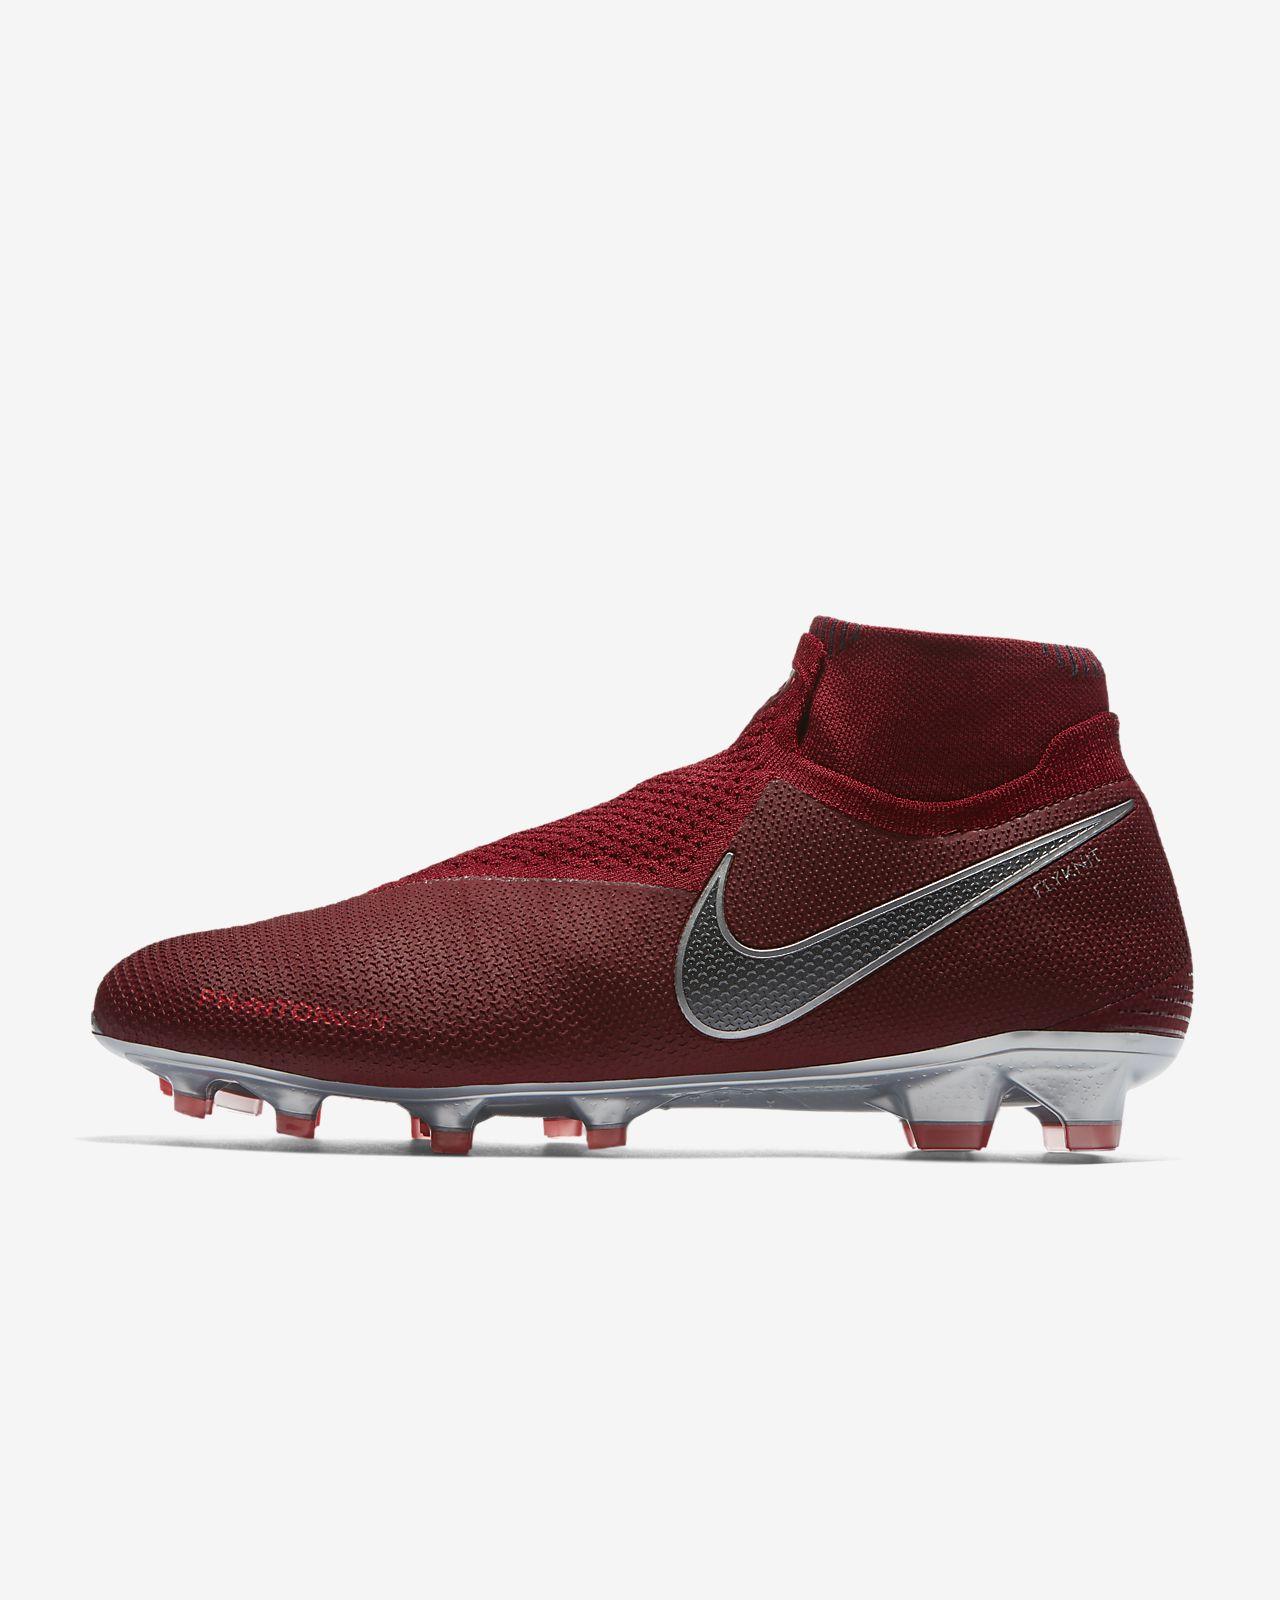 nike maroon football boots